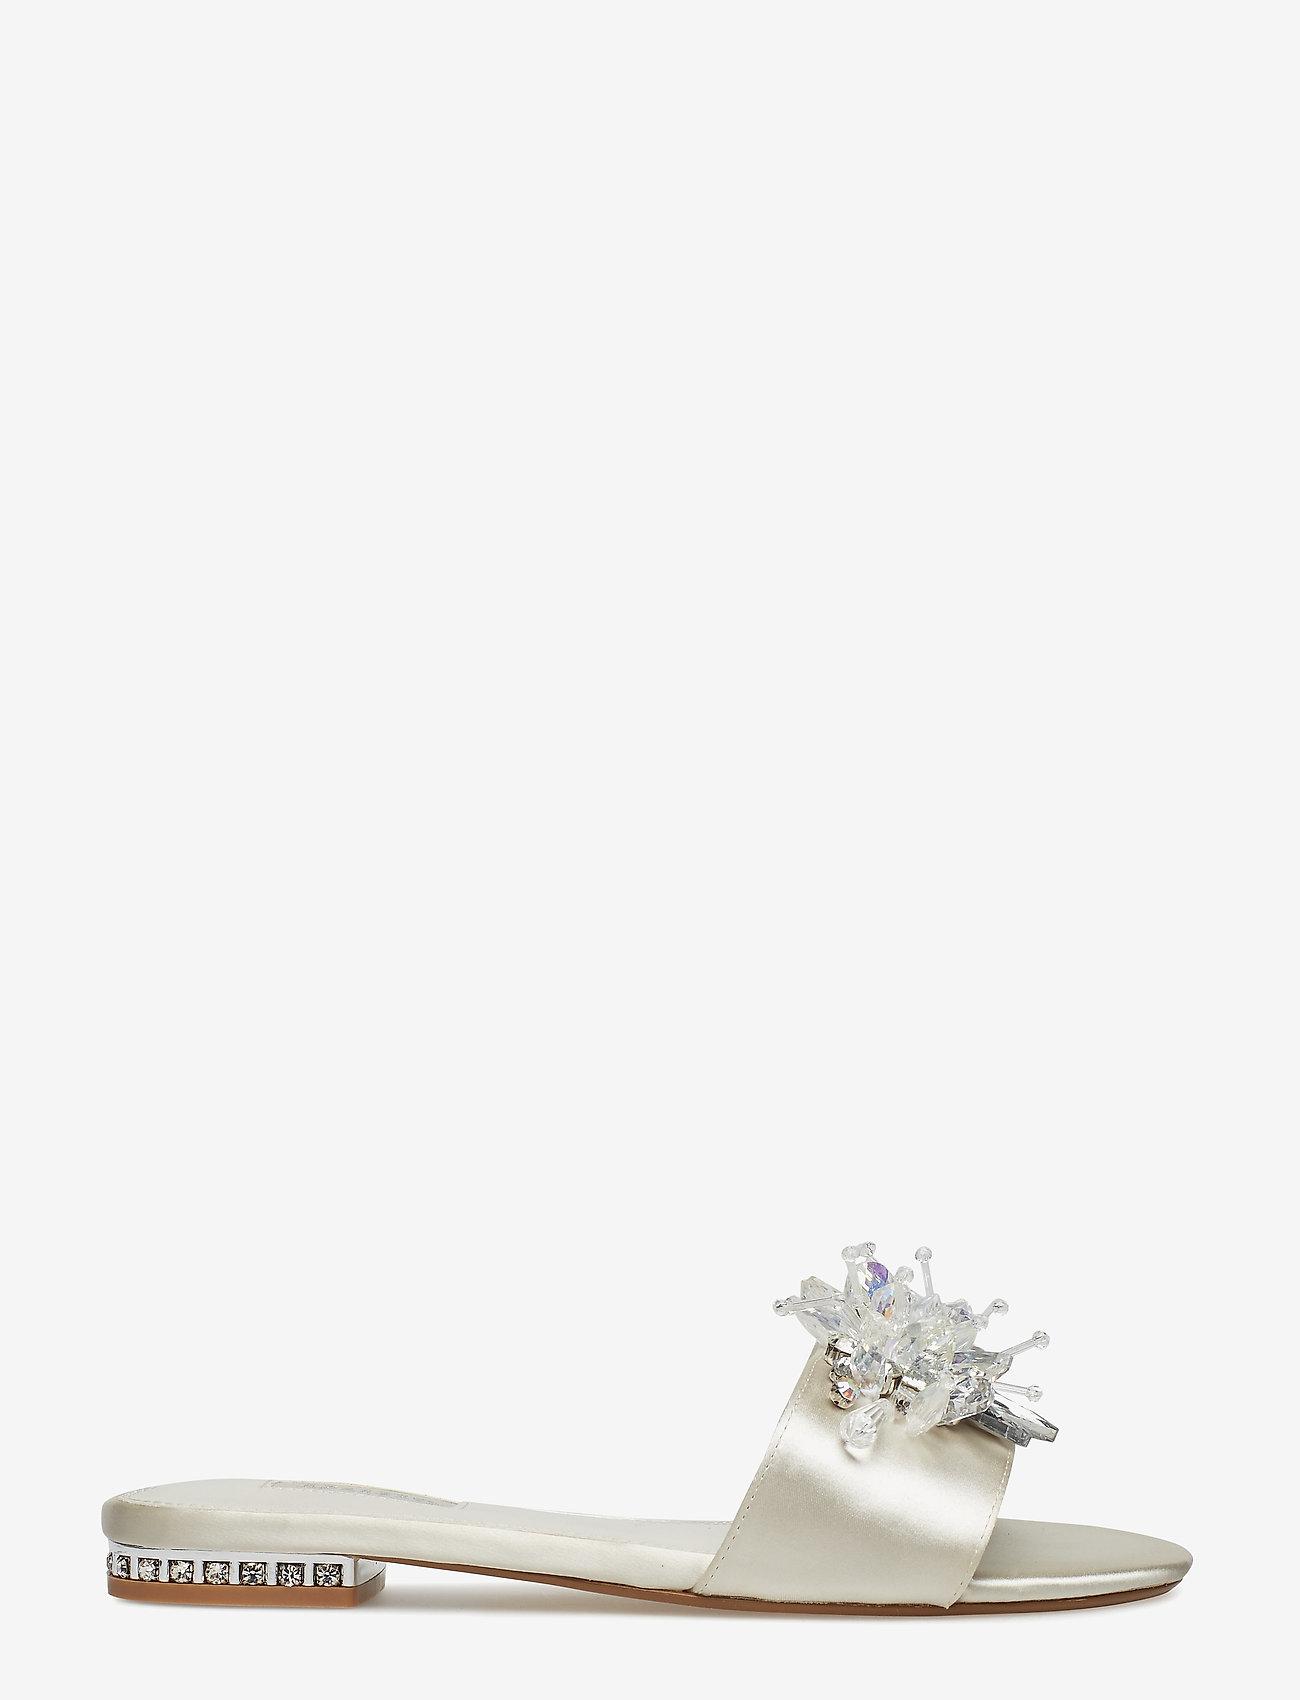 Dune London - NEWLYWED - bridal shoes - ivory-satin